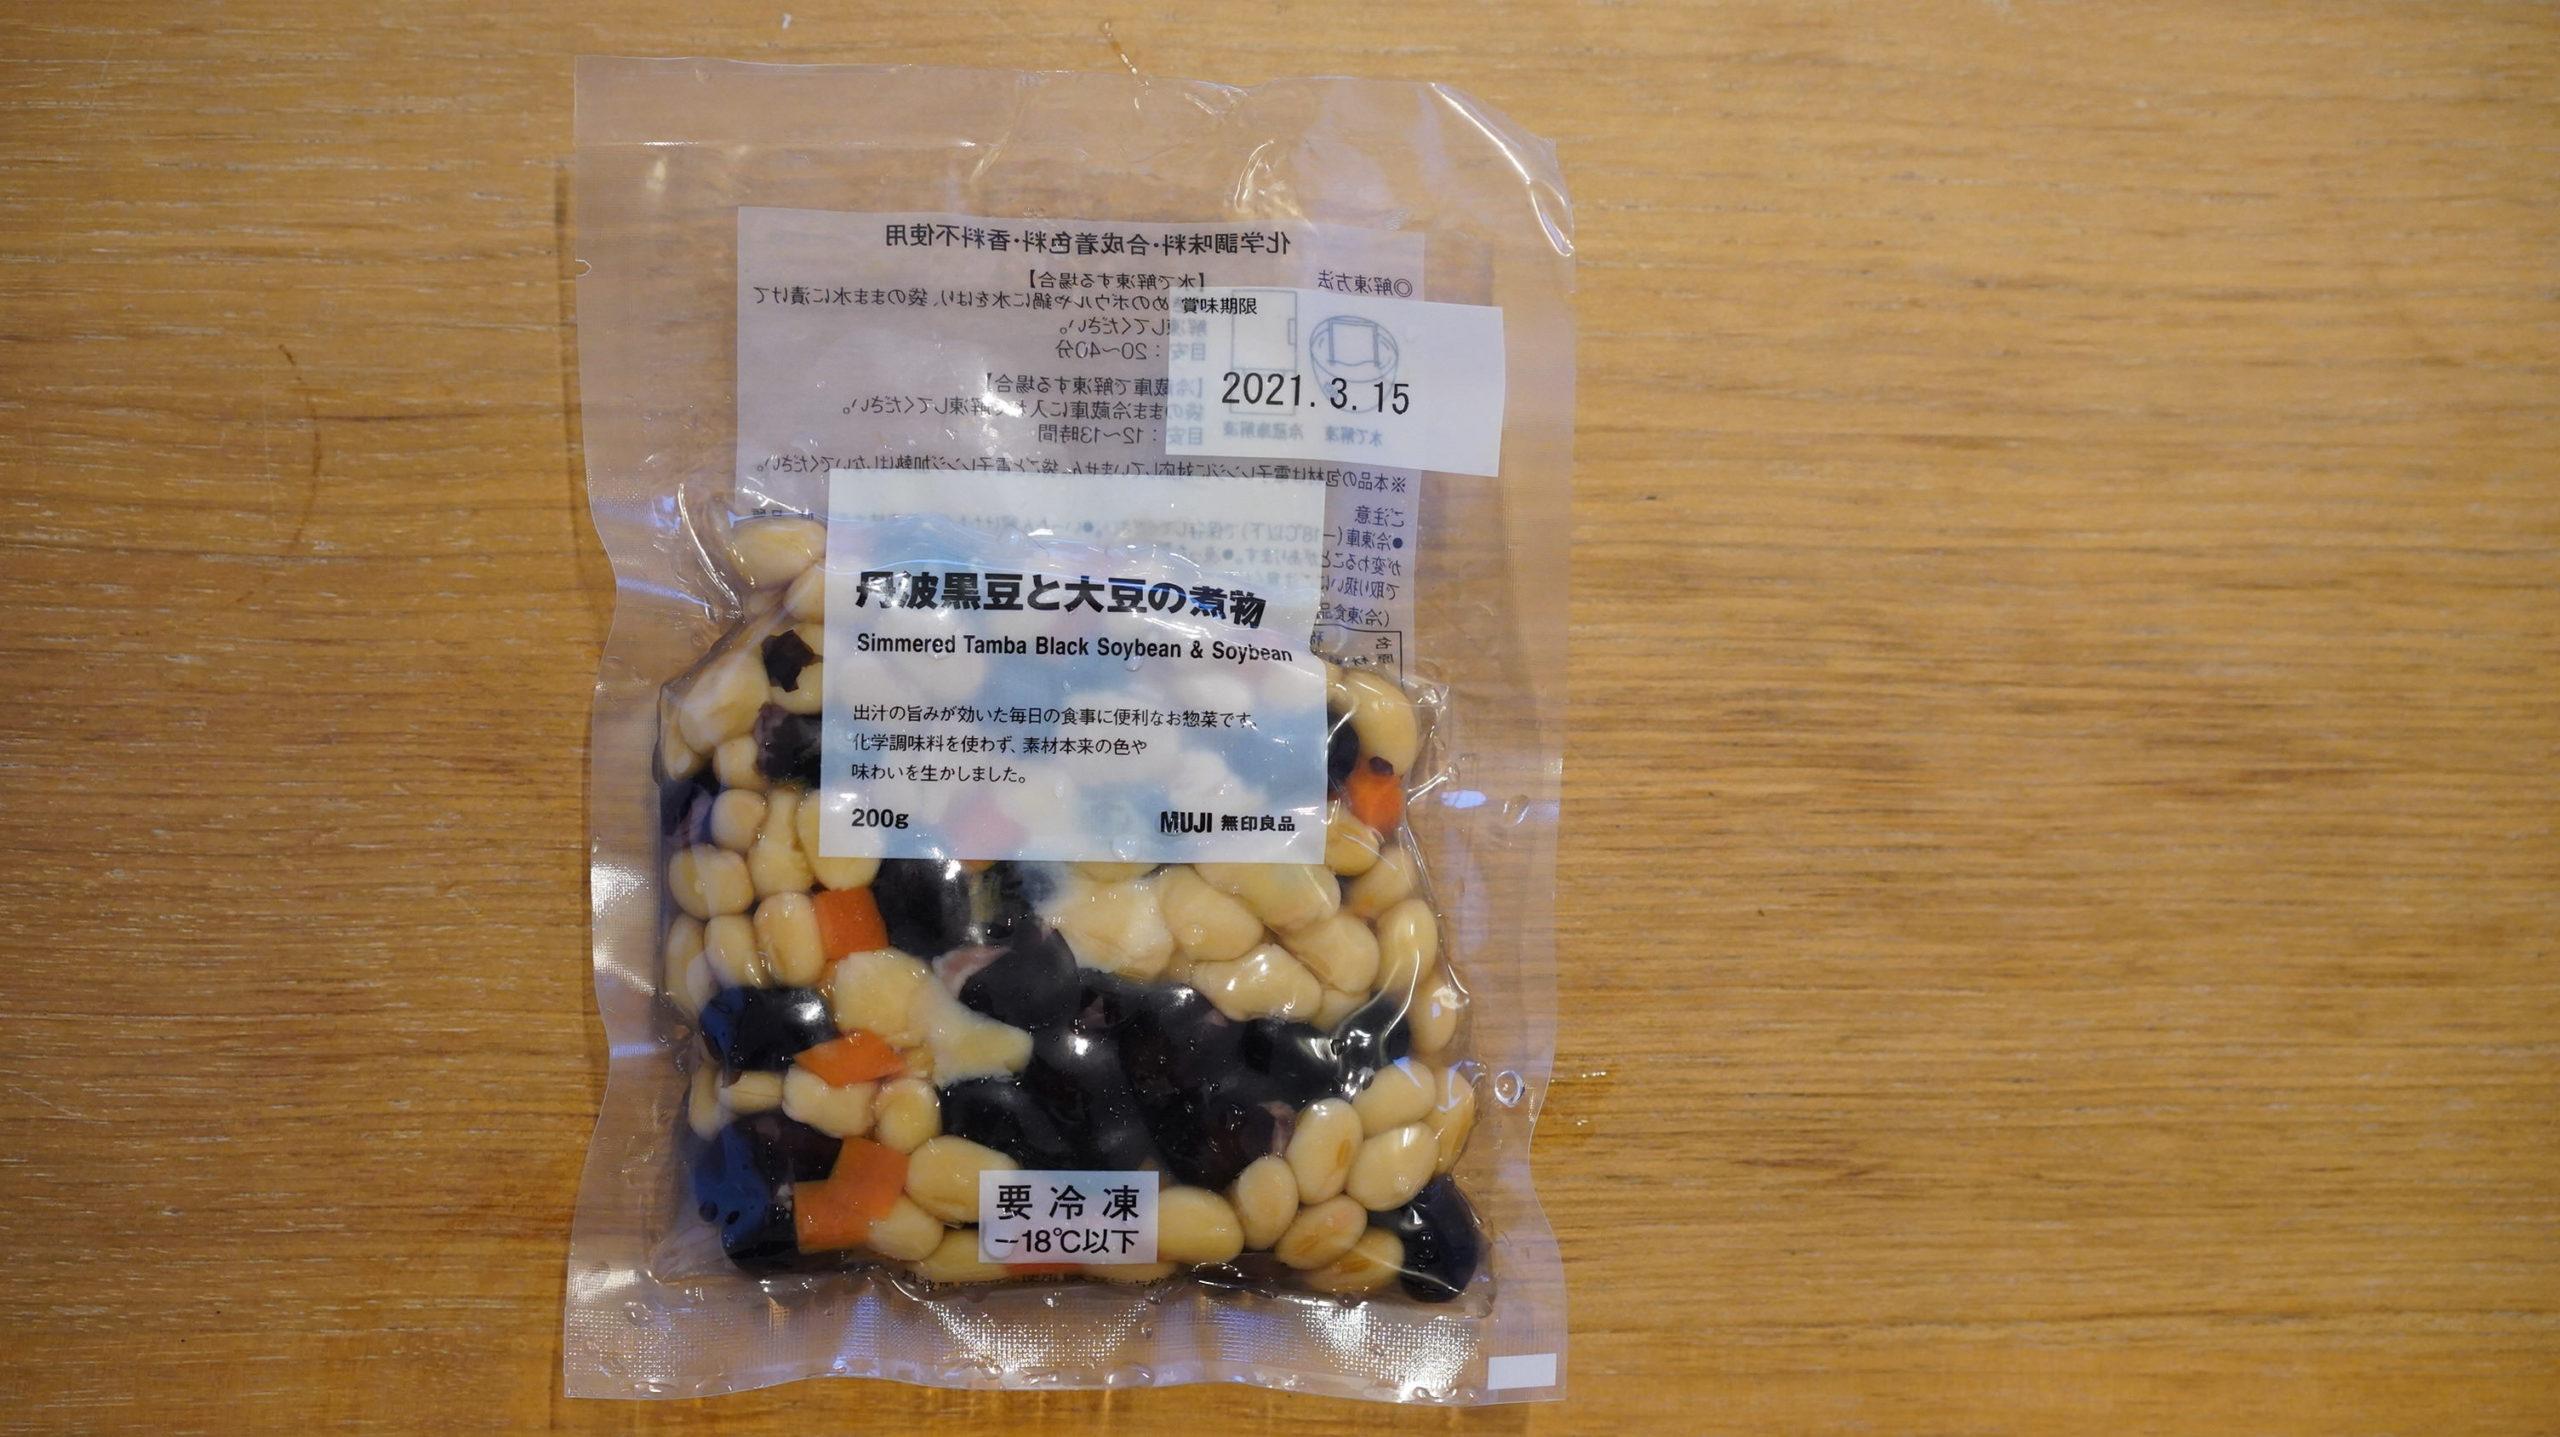 無印良品のおすすめ冷凍食品「丹波黒豆と大豆の煮物」のパッケージの写真